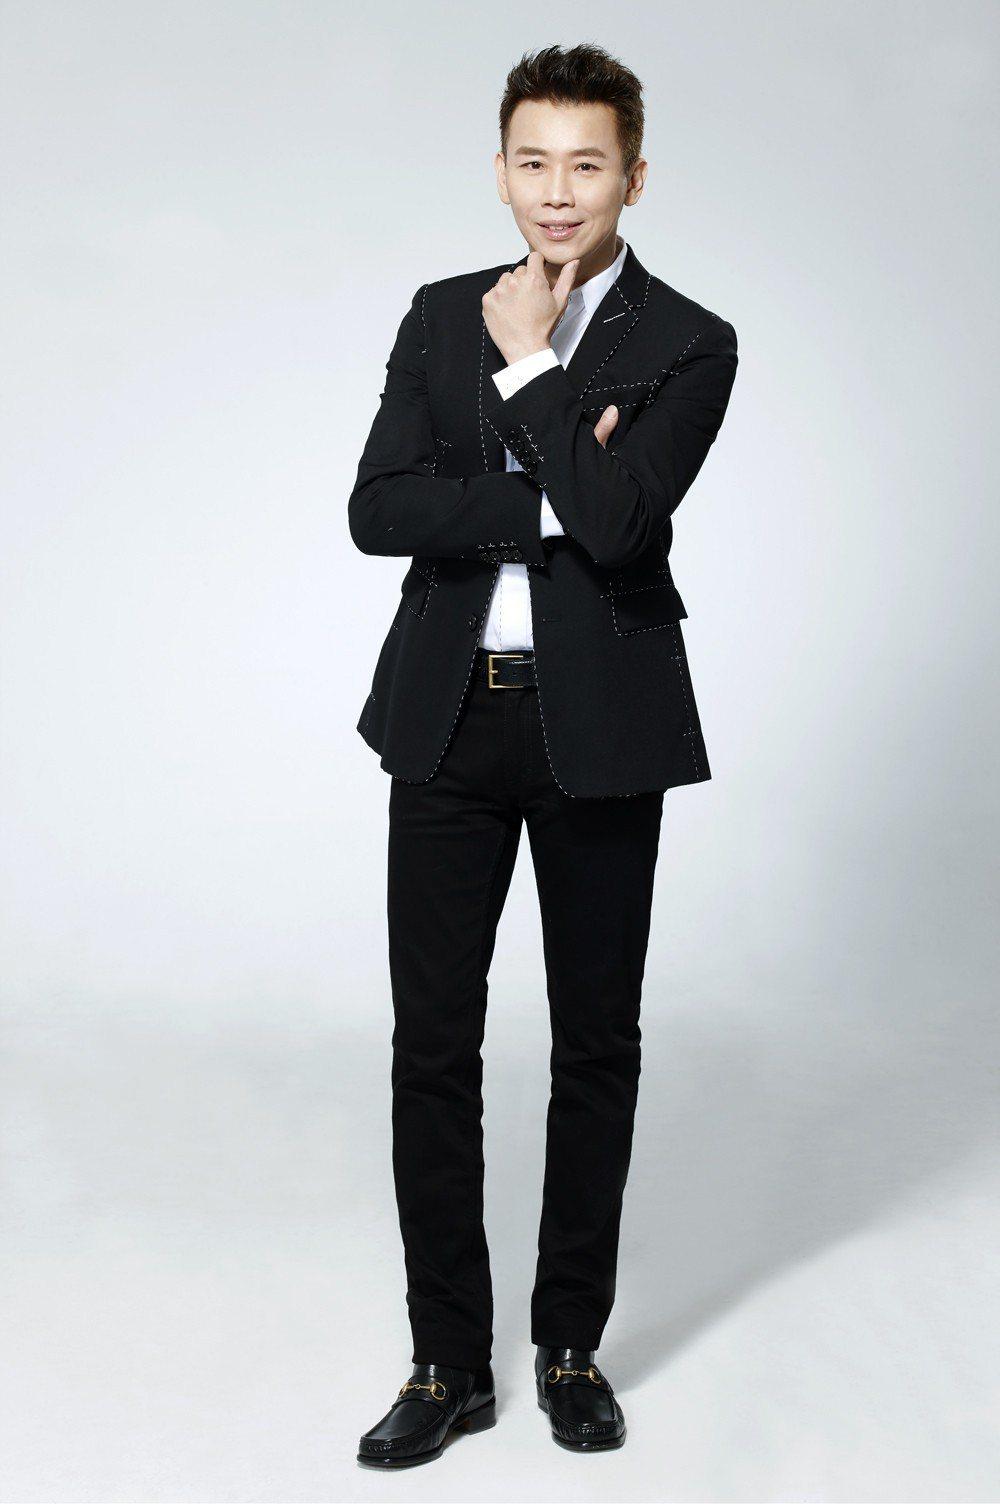 陶喆受邀頒發金曲獎「最佳單曲製作人」及「最佳專輯製作人」。圖/台視提供